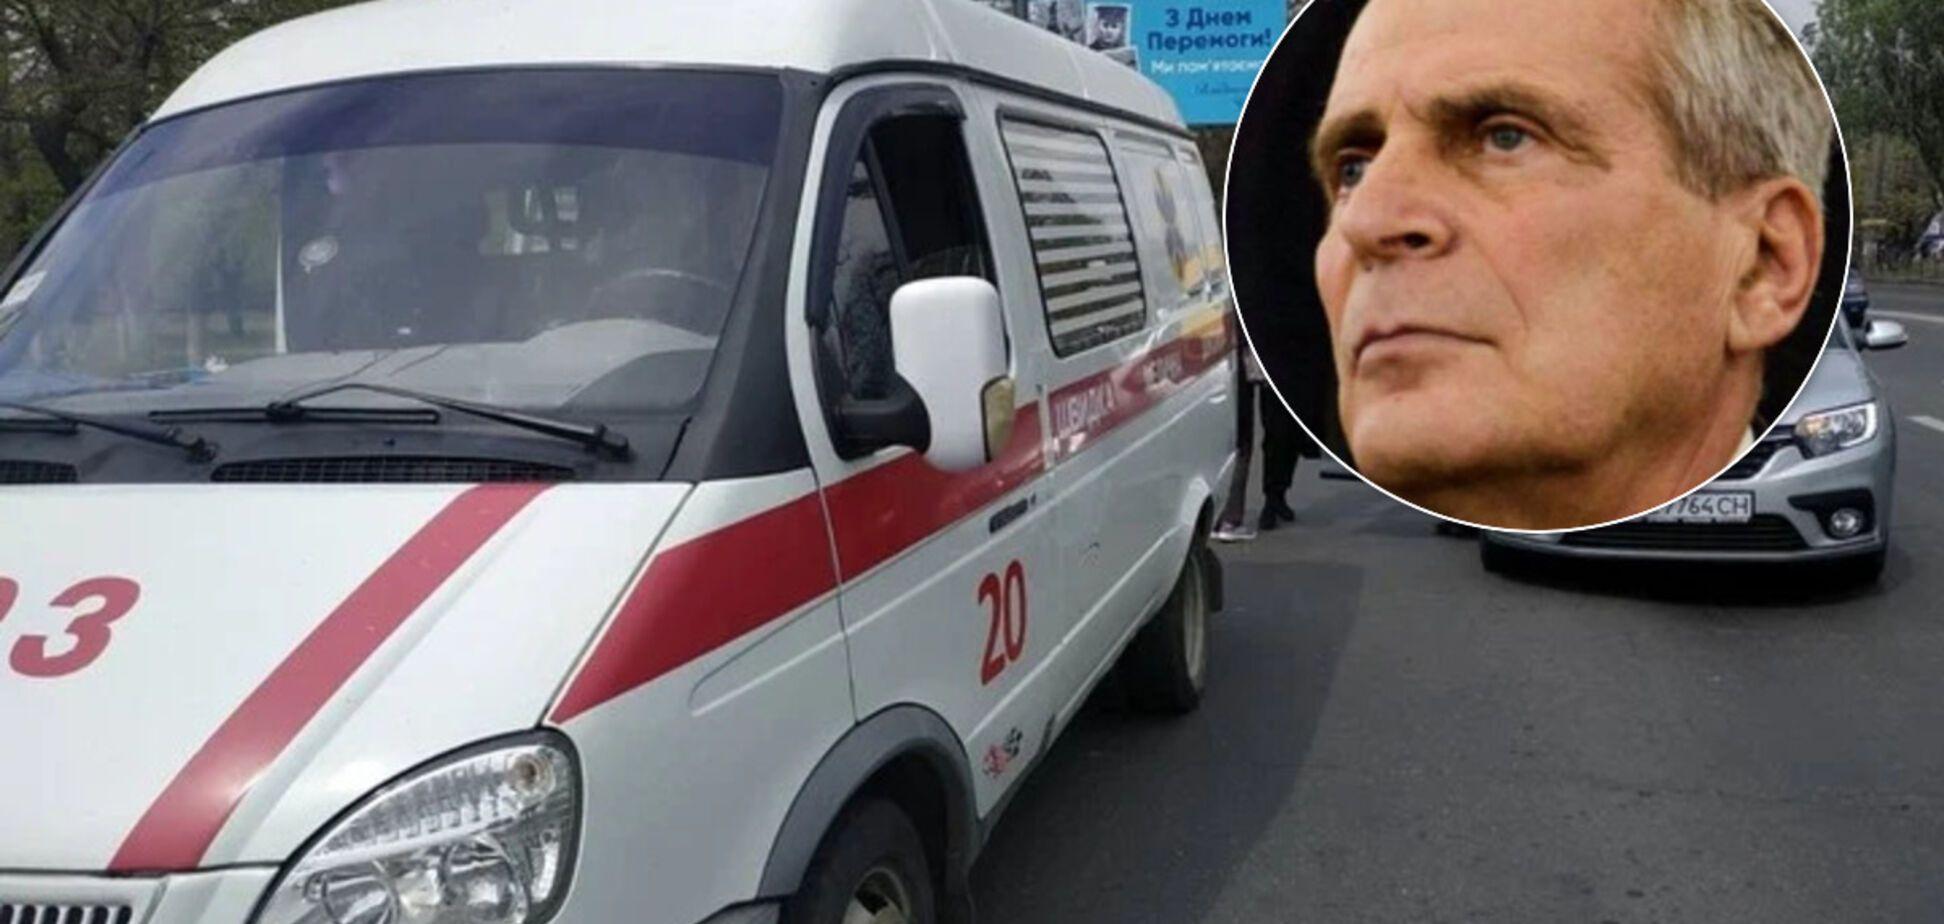 Умер известный украинский тренер по велоспорту Евгений Штермер